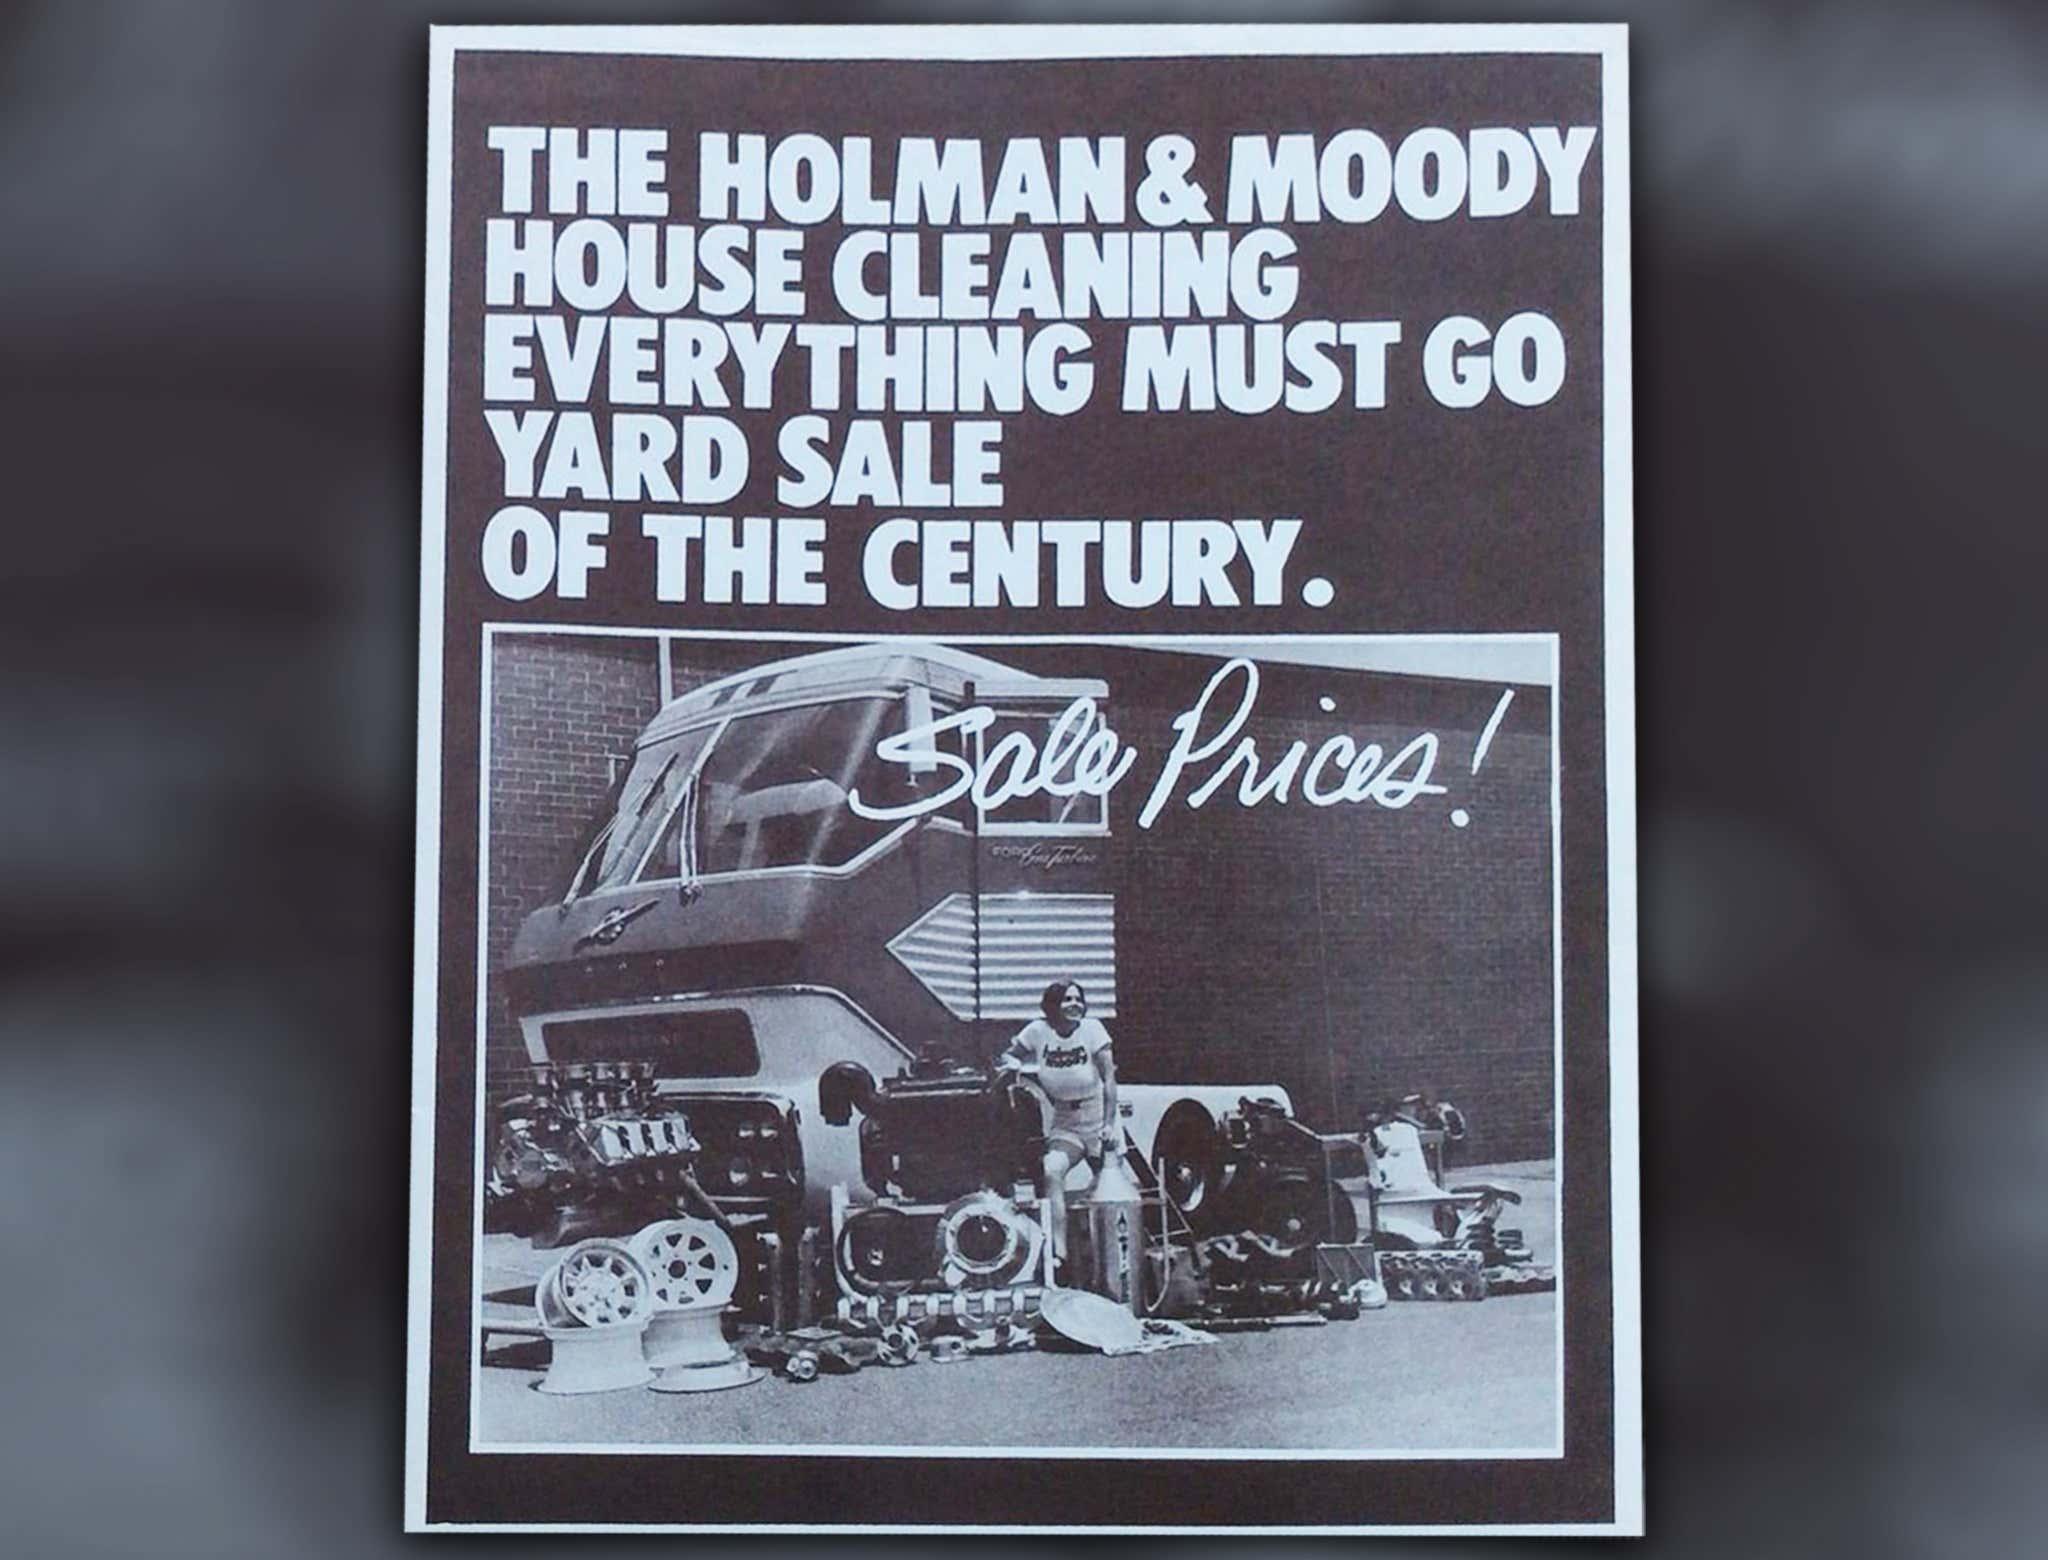 Vendido en un mercadillo...Pero gracias a ello la tractora Big Red parece haberse conservado hasta la actualidad.